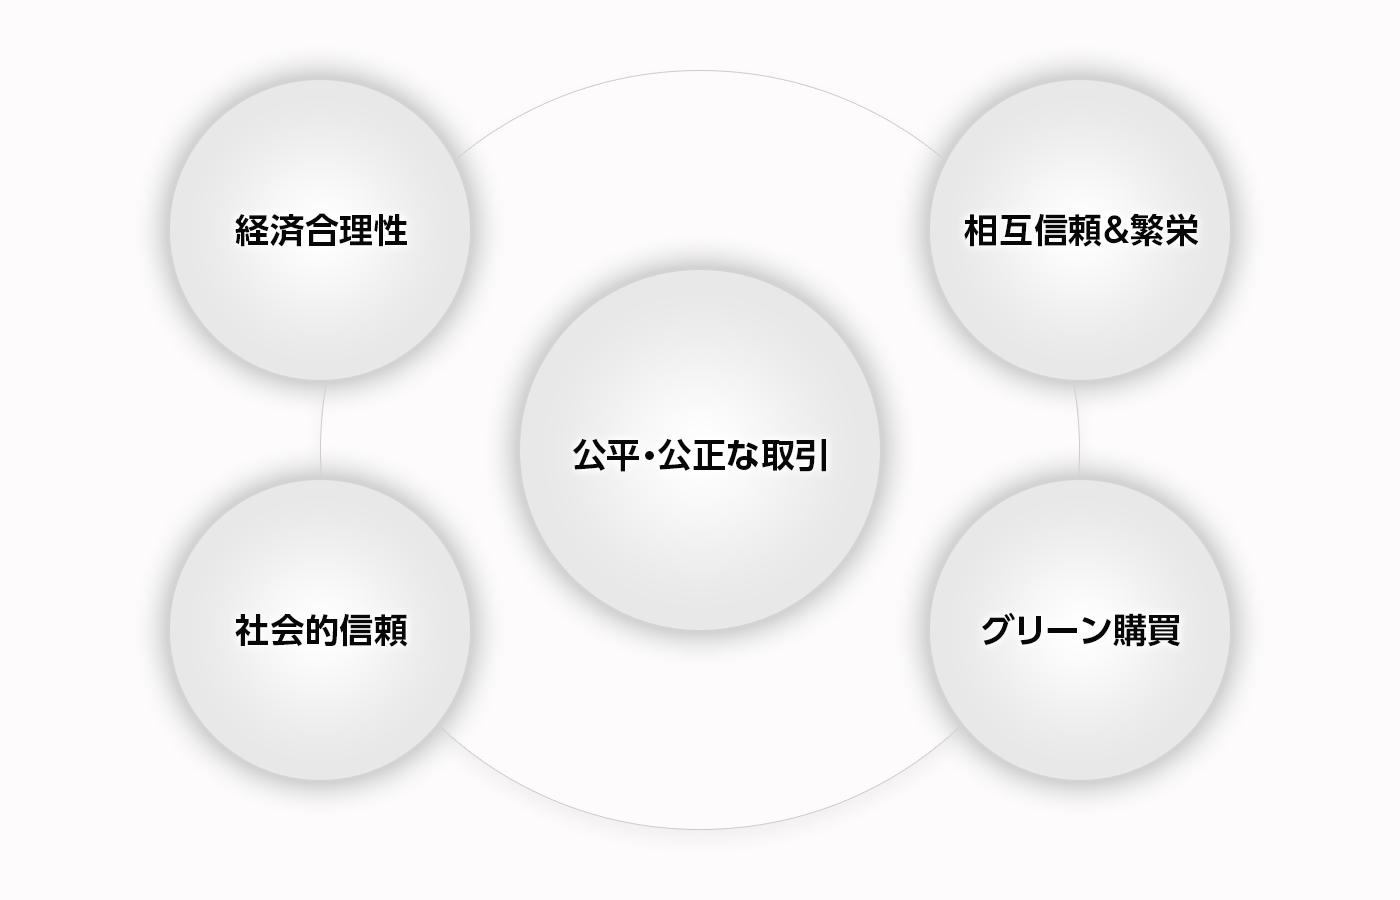 納入業者様へ(基本方針)